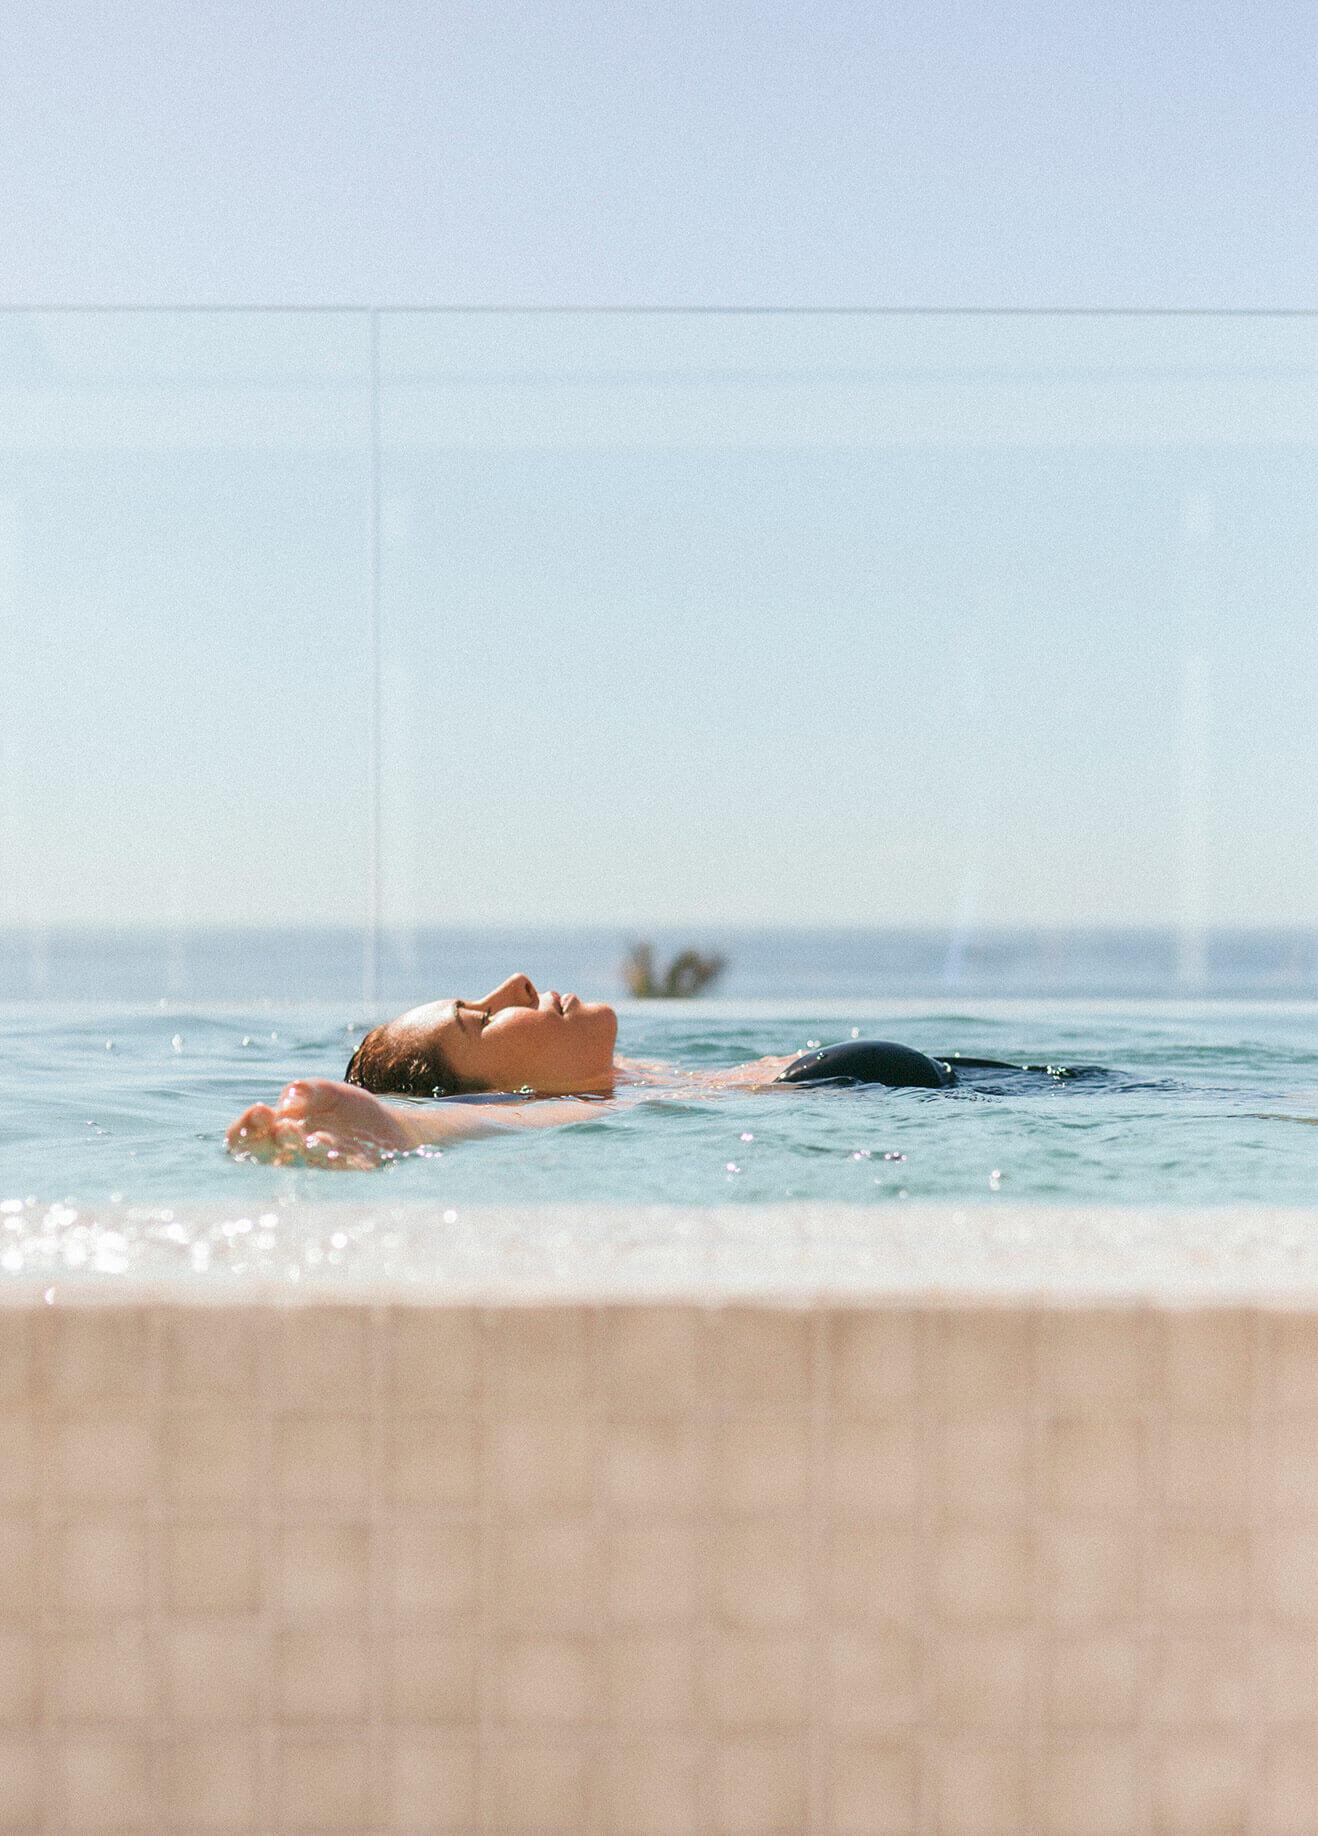 Vacaciones en Tenerife: relax y masajes